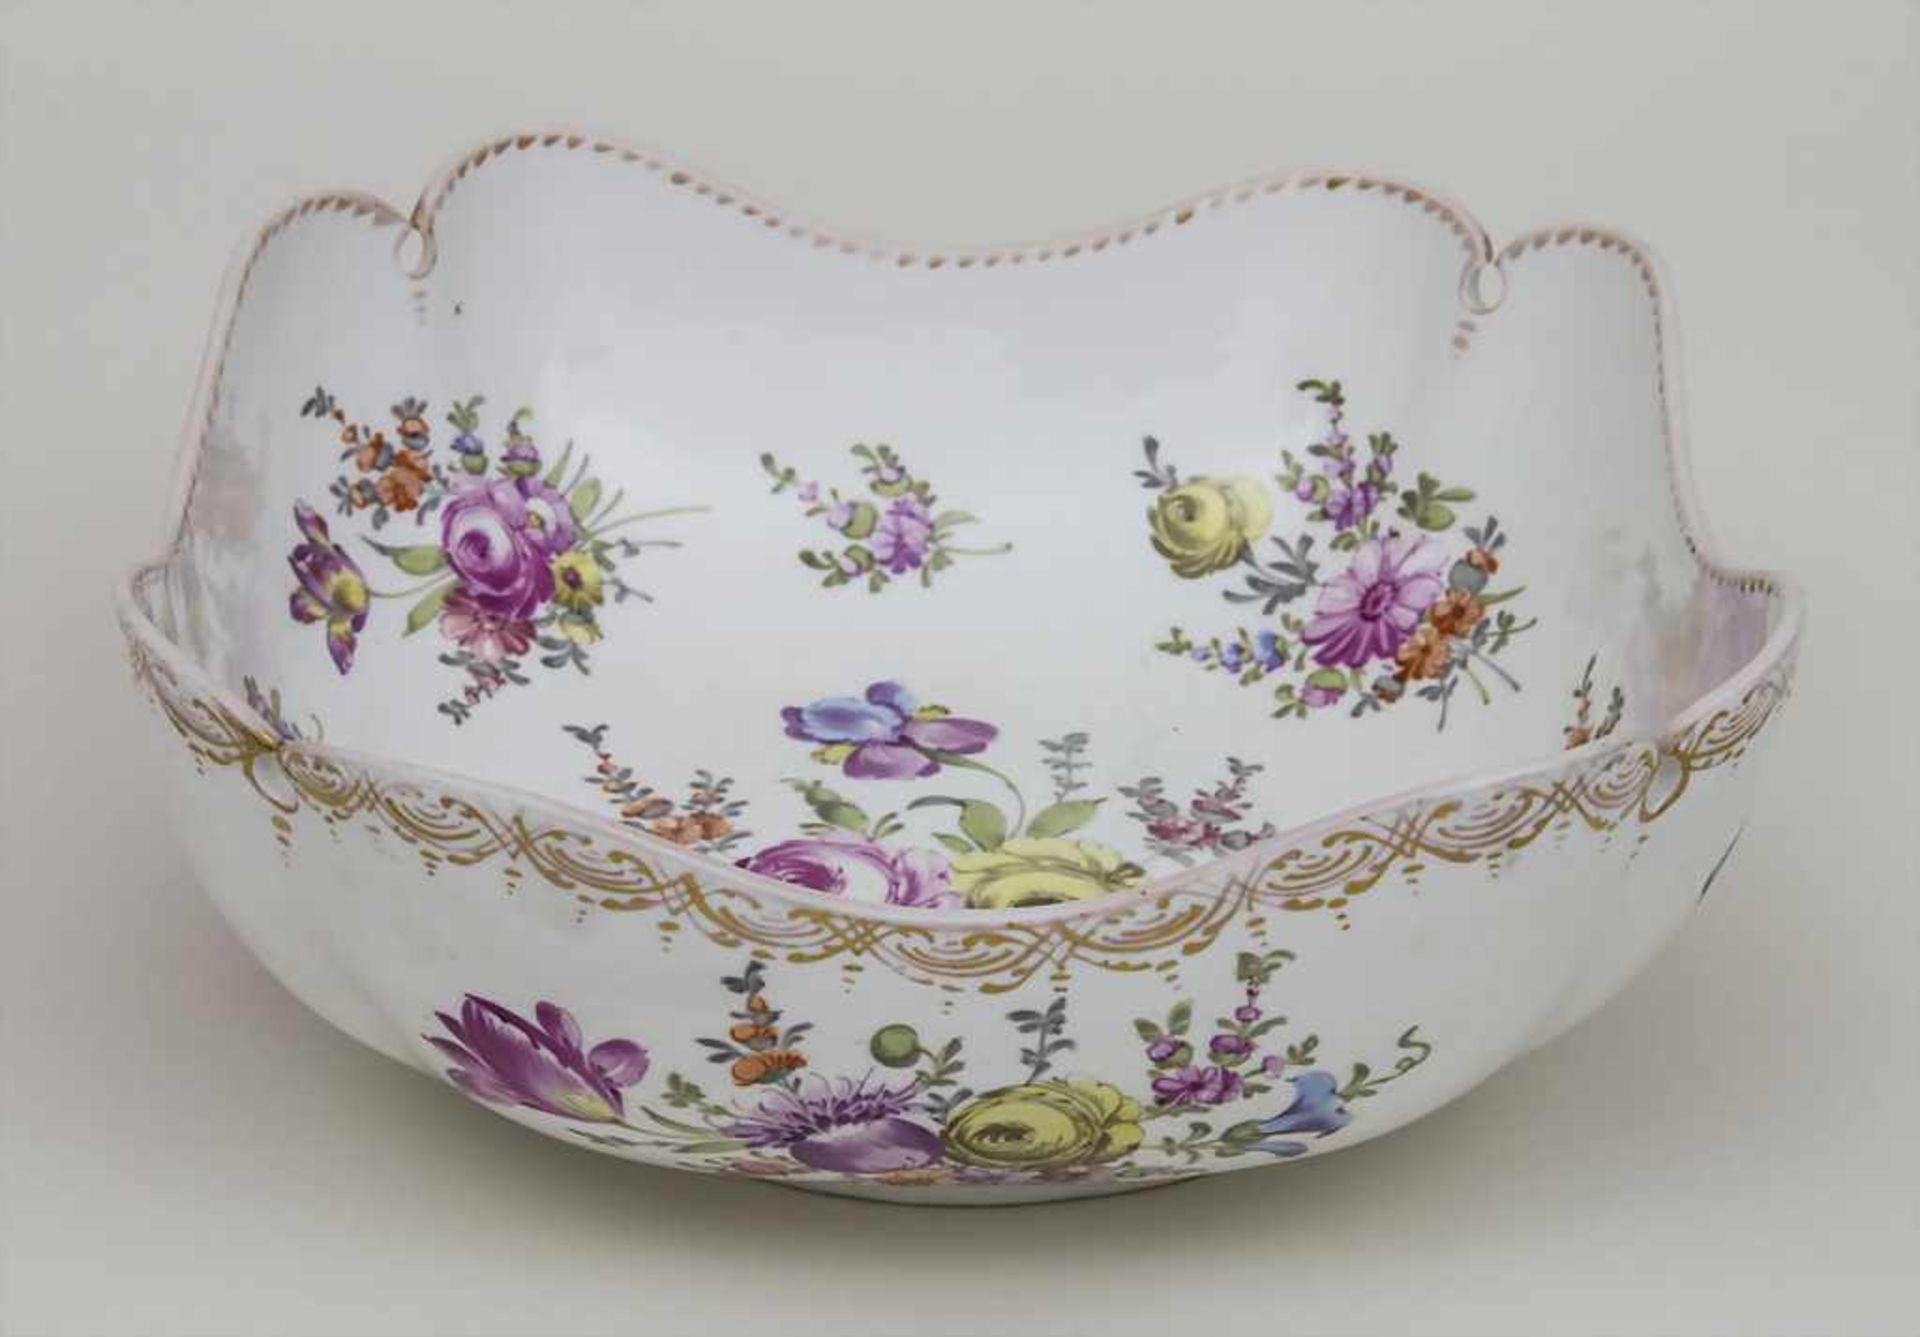 Schale mit Blumenmalerei / A bowl with flowers, Meissen, um 1860 Material: Porzellan, polychrom - Bild 2 aus 3